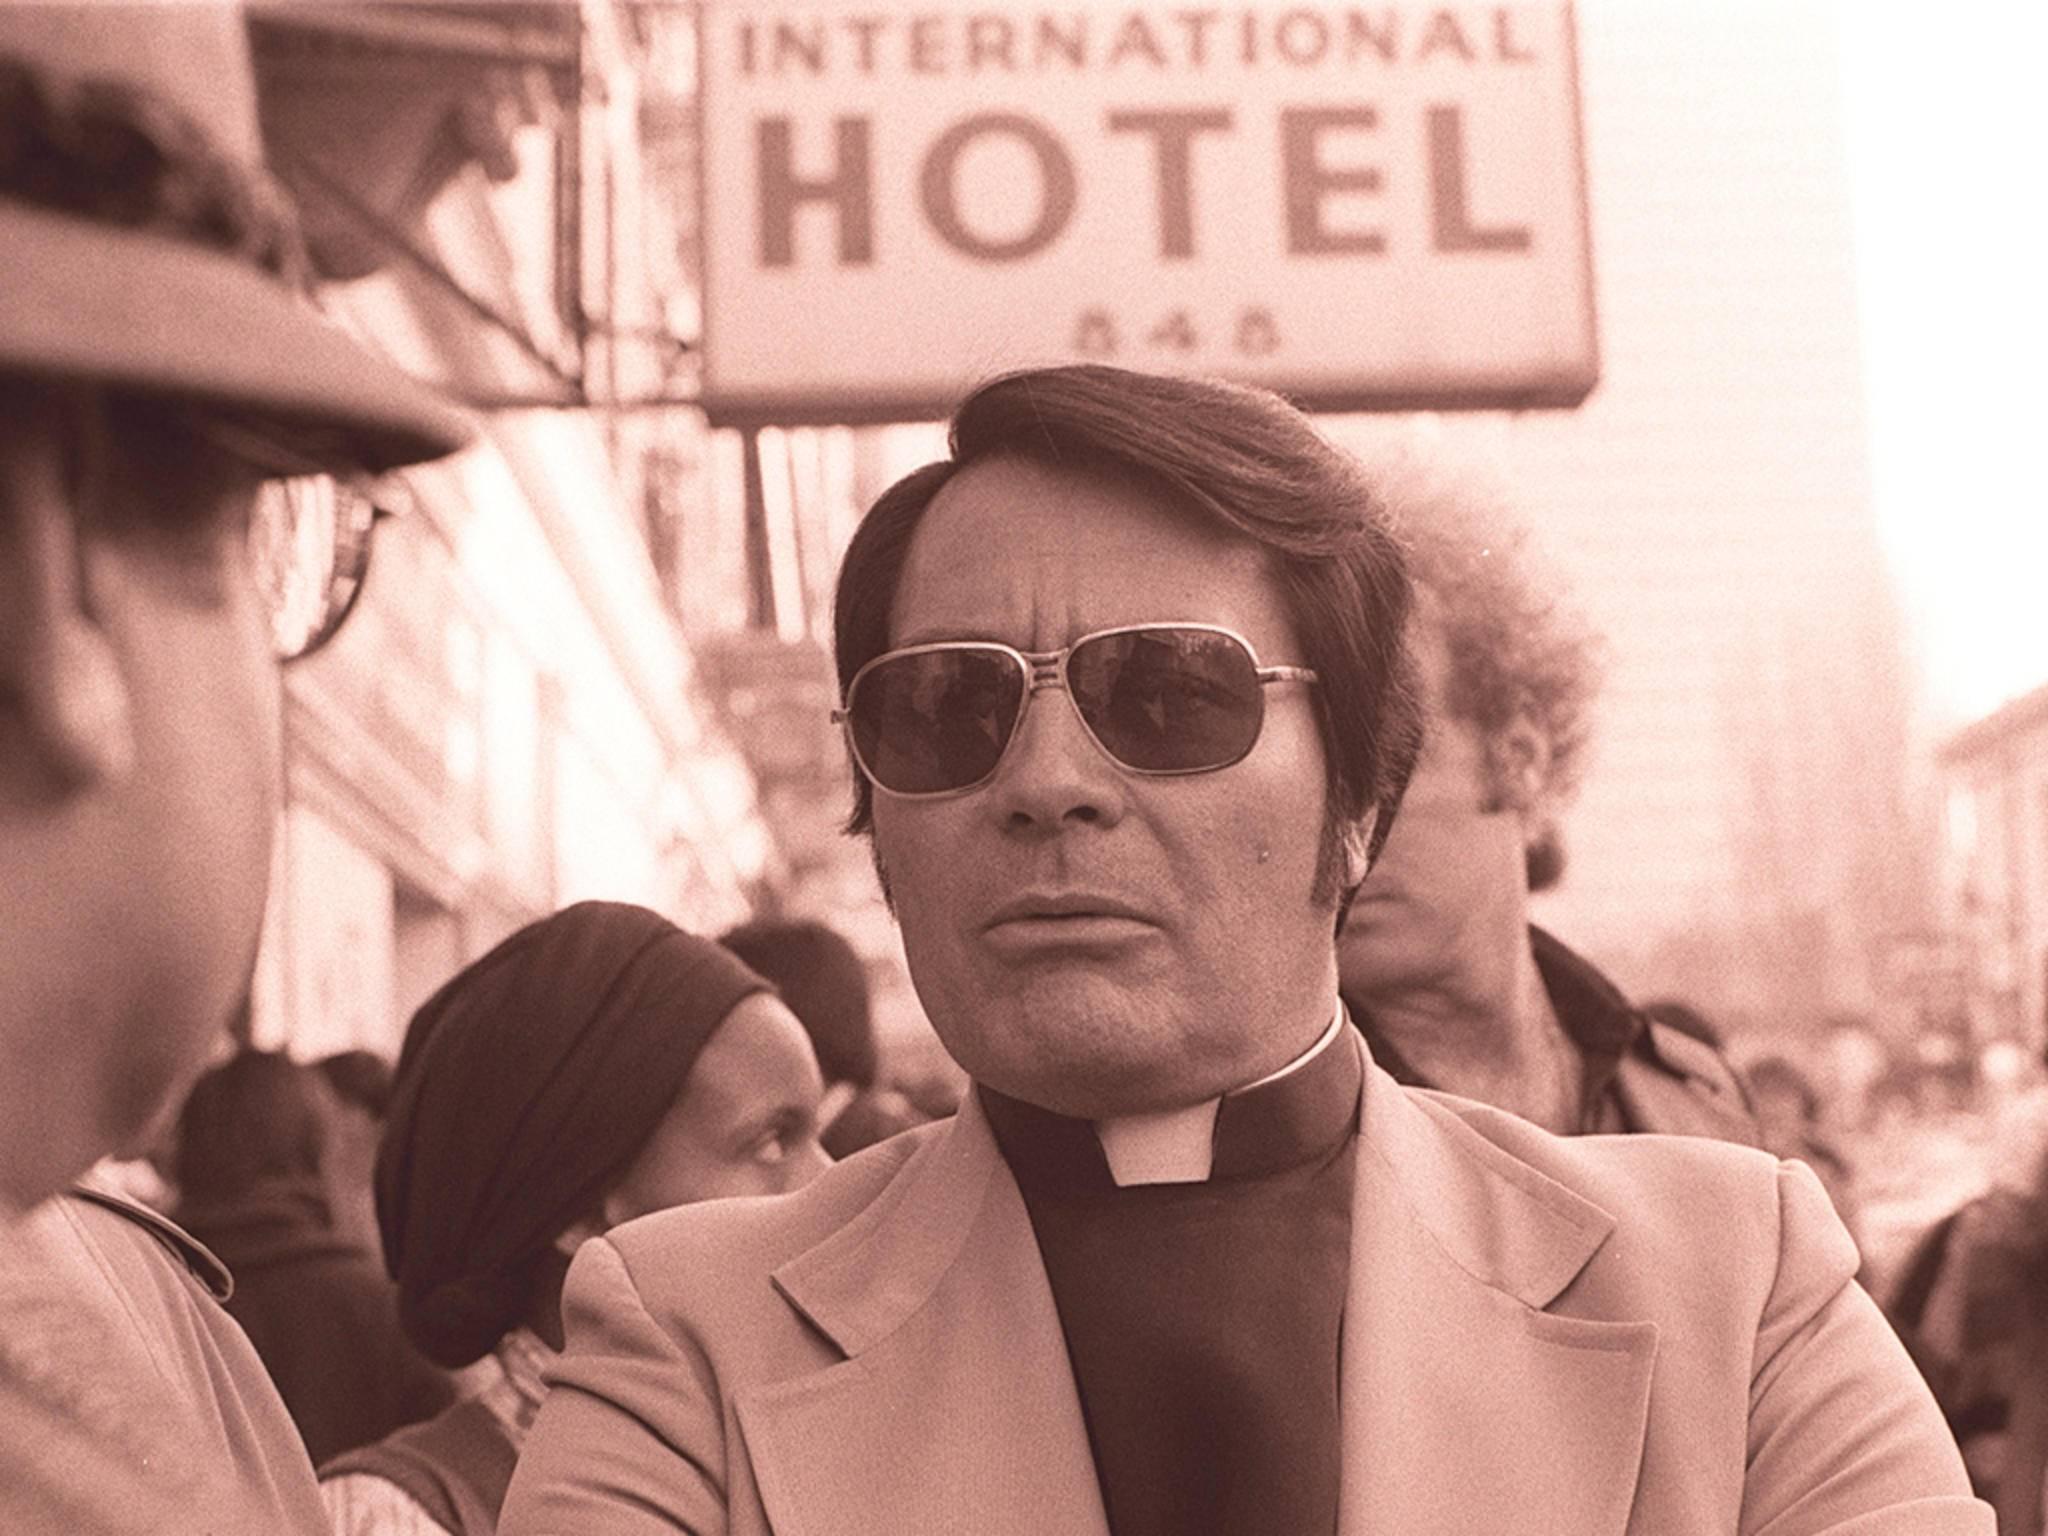 Die Geschichte von Sektenführer Jim Jones will nun Vince Gilligan zum Thema seiner neuen Serie machen.